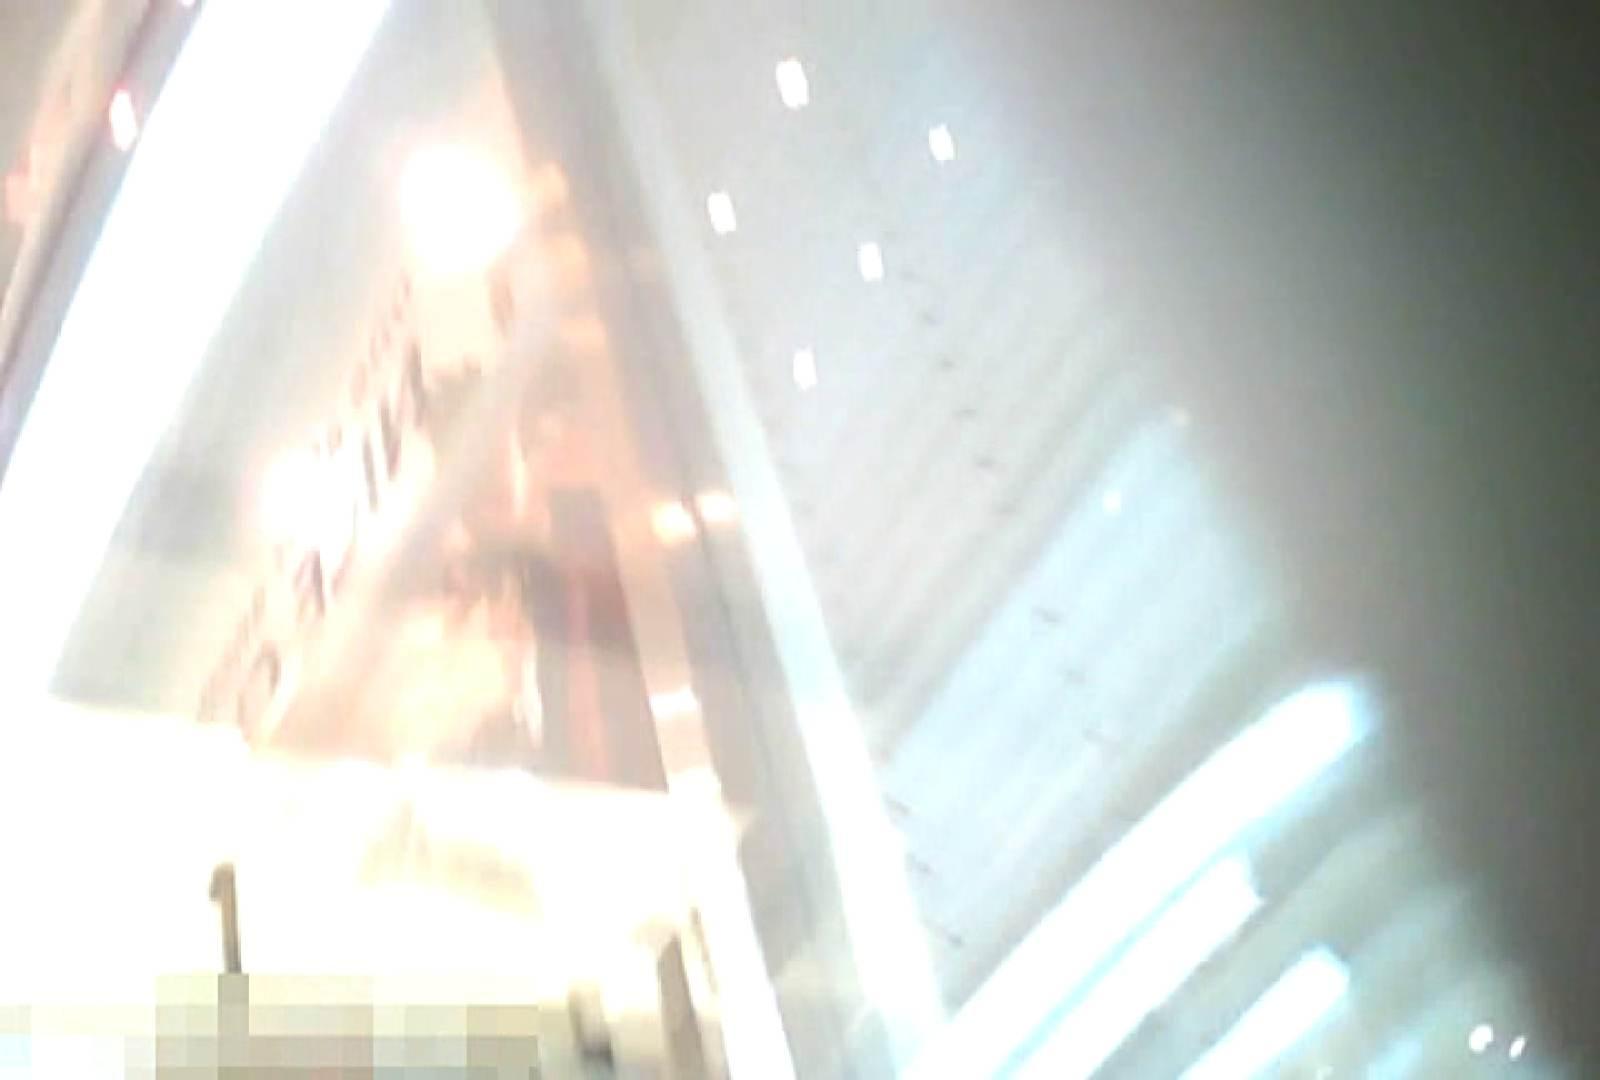 「チキン男」さんの制服ウォッチングVol.5 学校 盗み撮りオマンコ動画キャプチャ 98画像 19